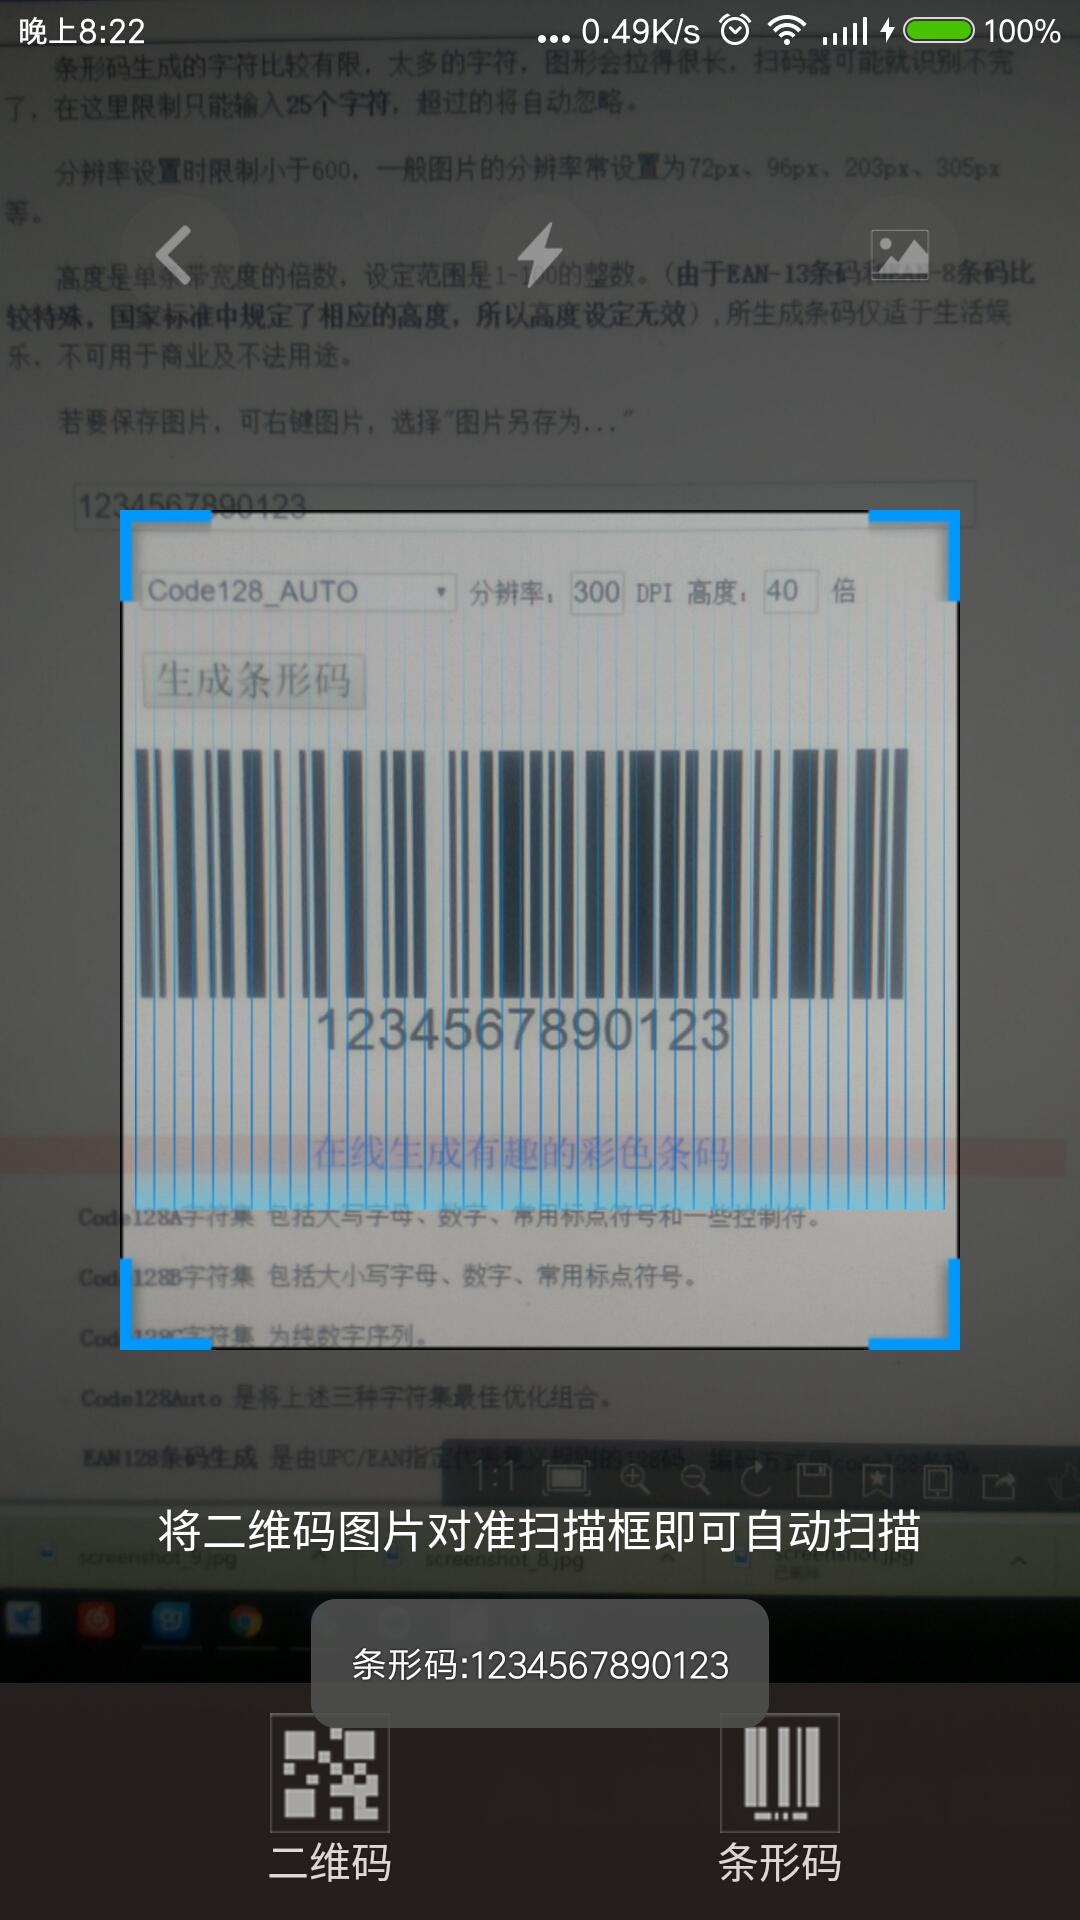 扫描条形码